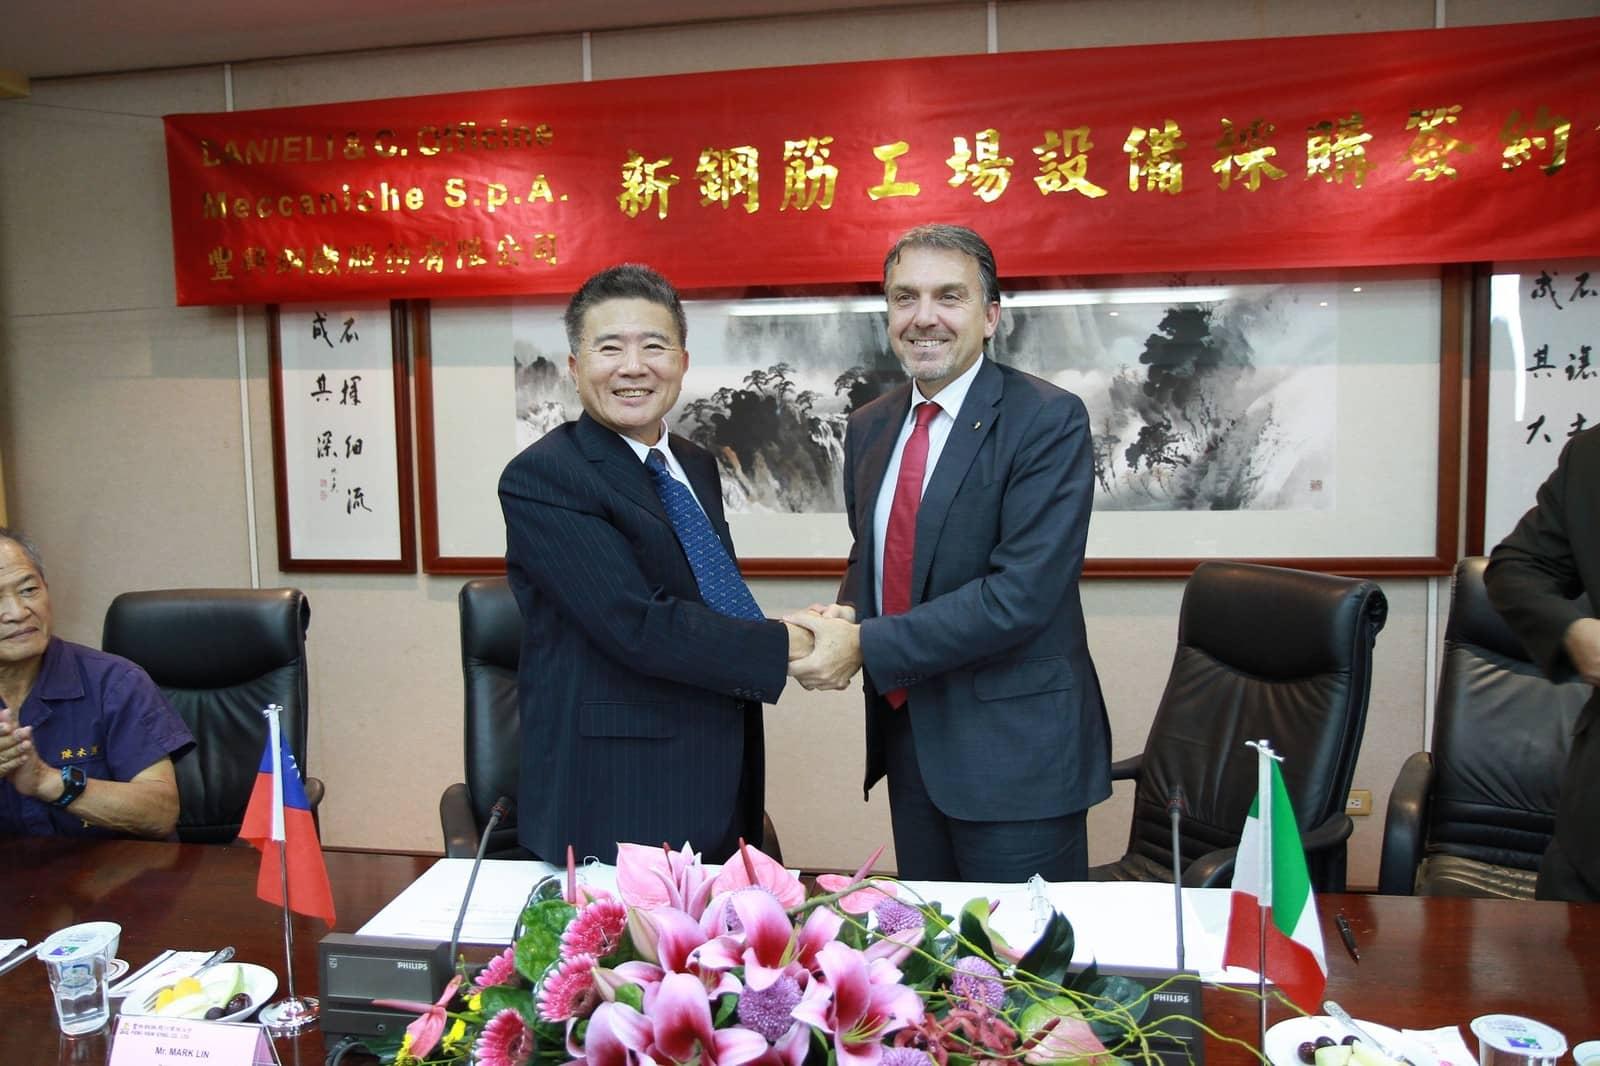 Mr. Fabrizio Mulinaris (EVP Danieli) and Mr. Mark Lin (President Chairman & CEO Feng Hsin)